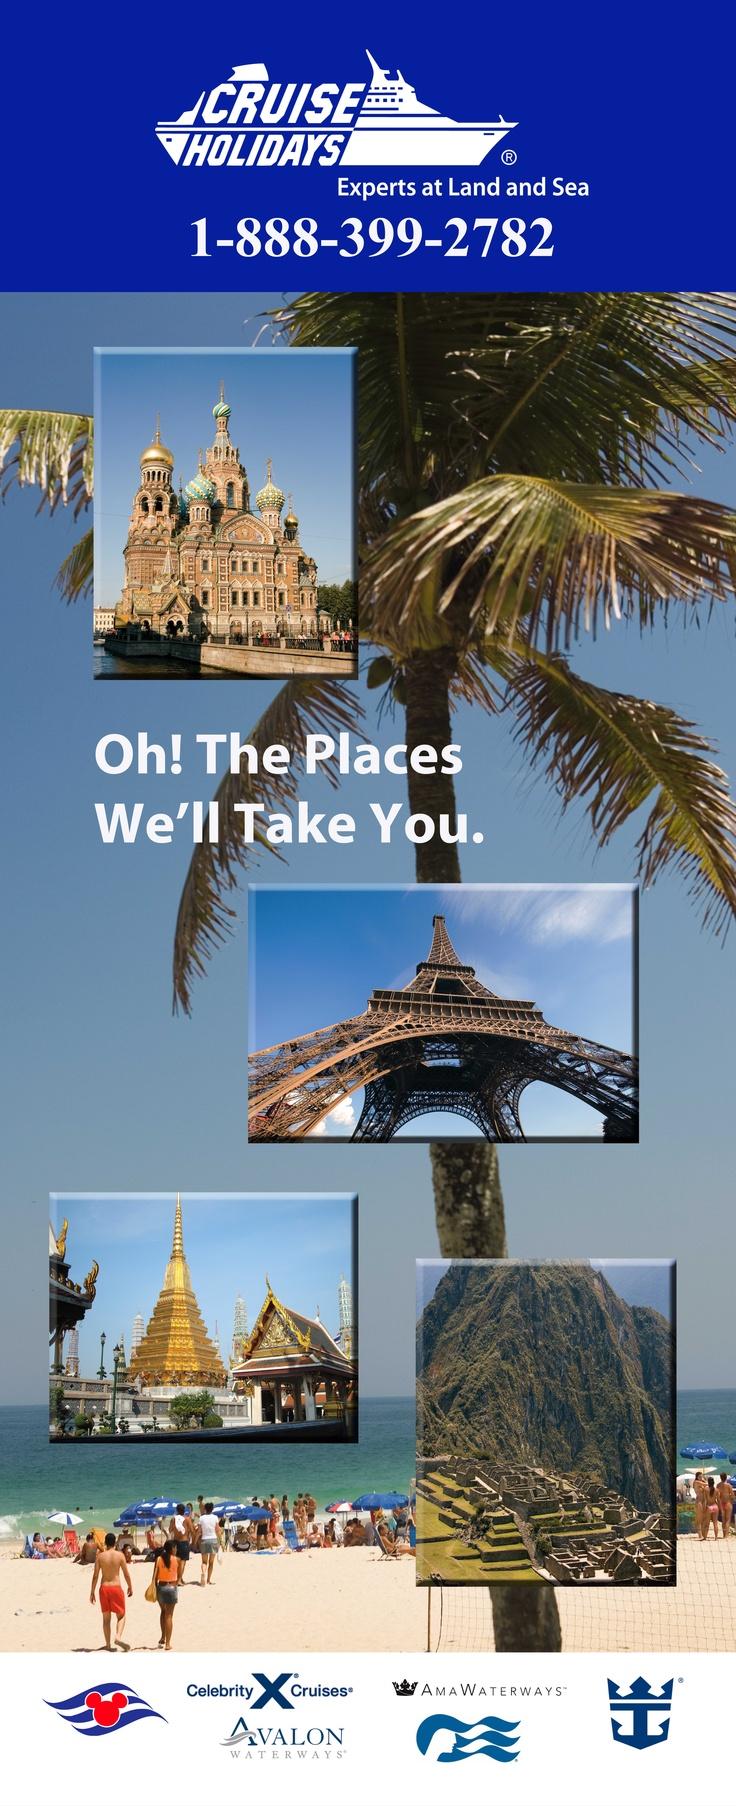 #cruise Holidays #Royal Caribbean, #Celebrity Cruise, #Disney Cruises, #AmaWaterways River Cruises, #Avalon, #Princess Cruises